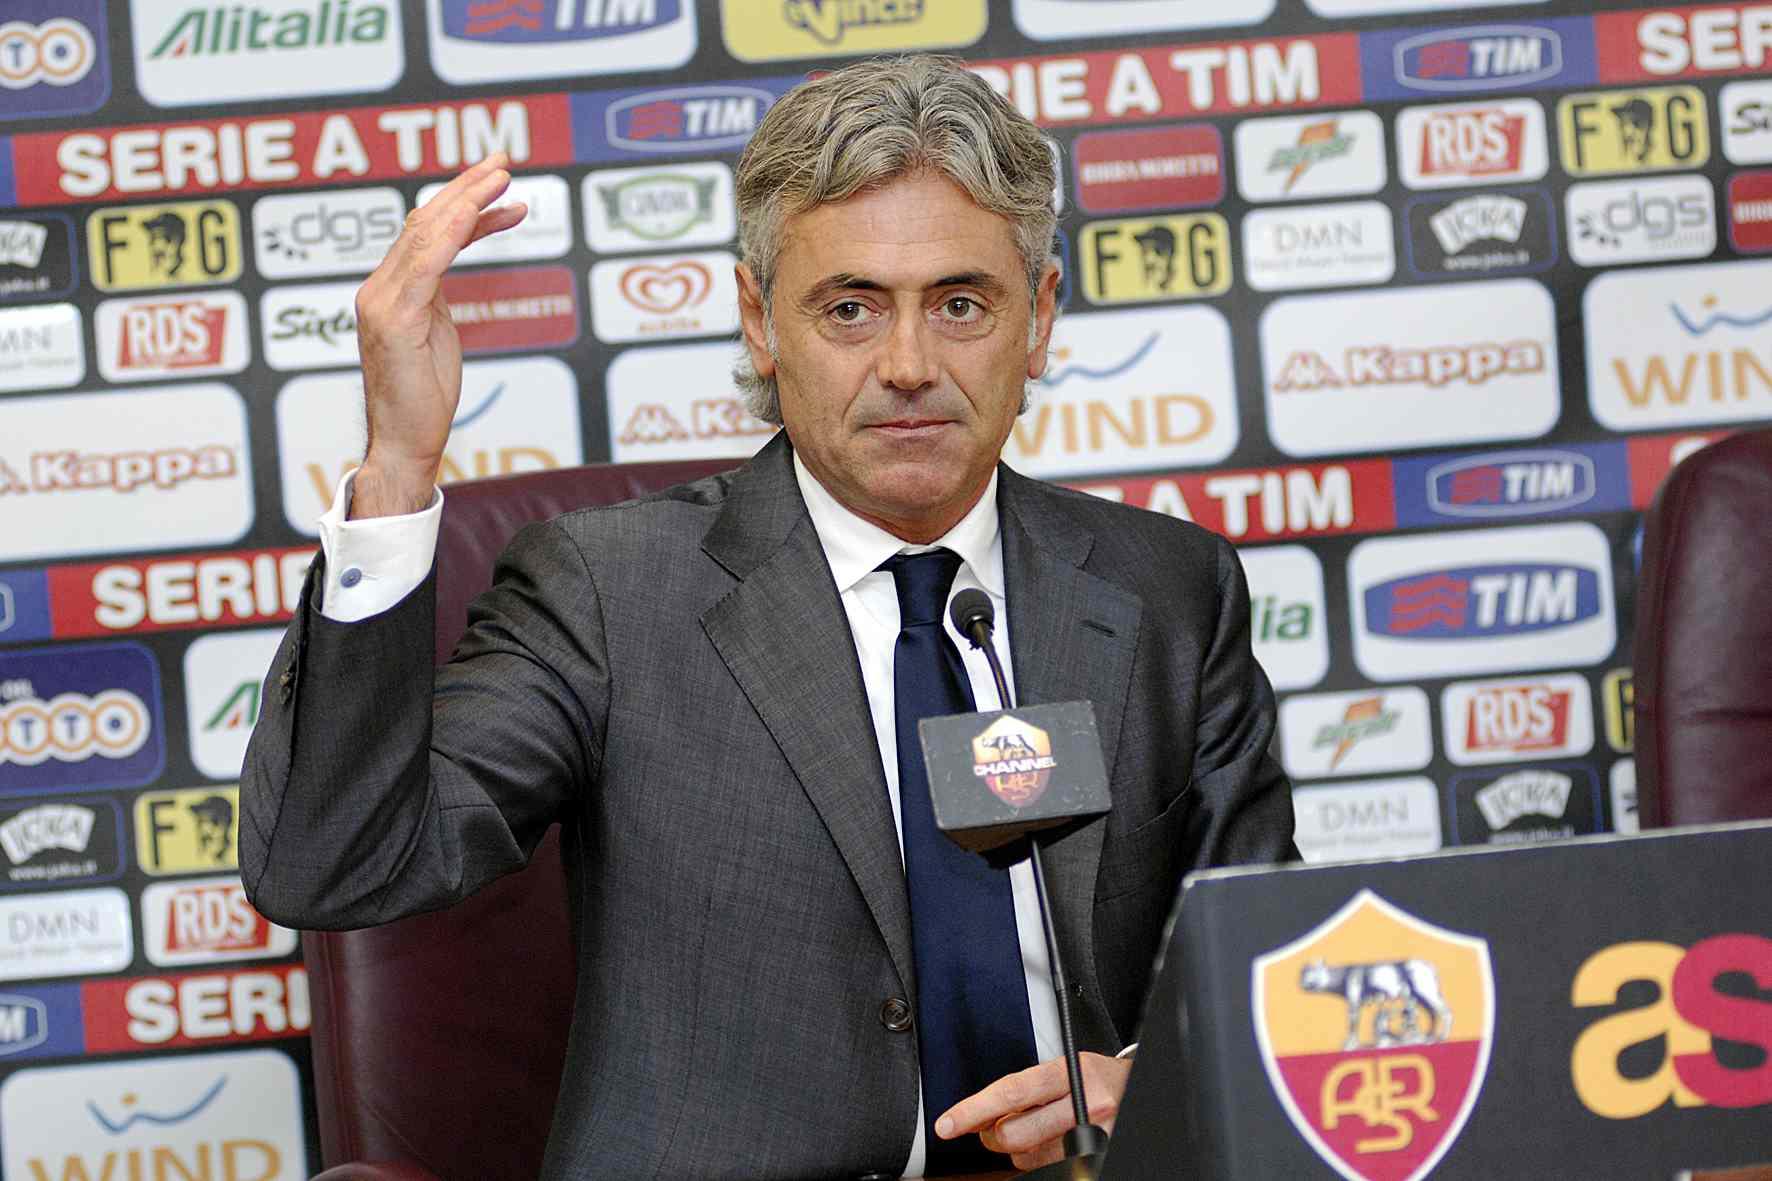 Calciomercato Roma: Baldini in Brasile per Castan, per Borini niente accordo